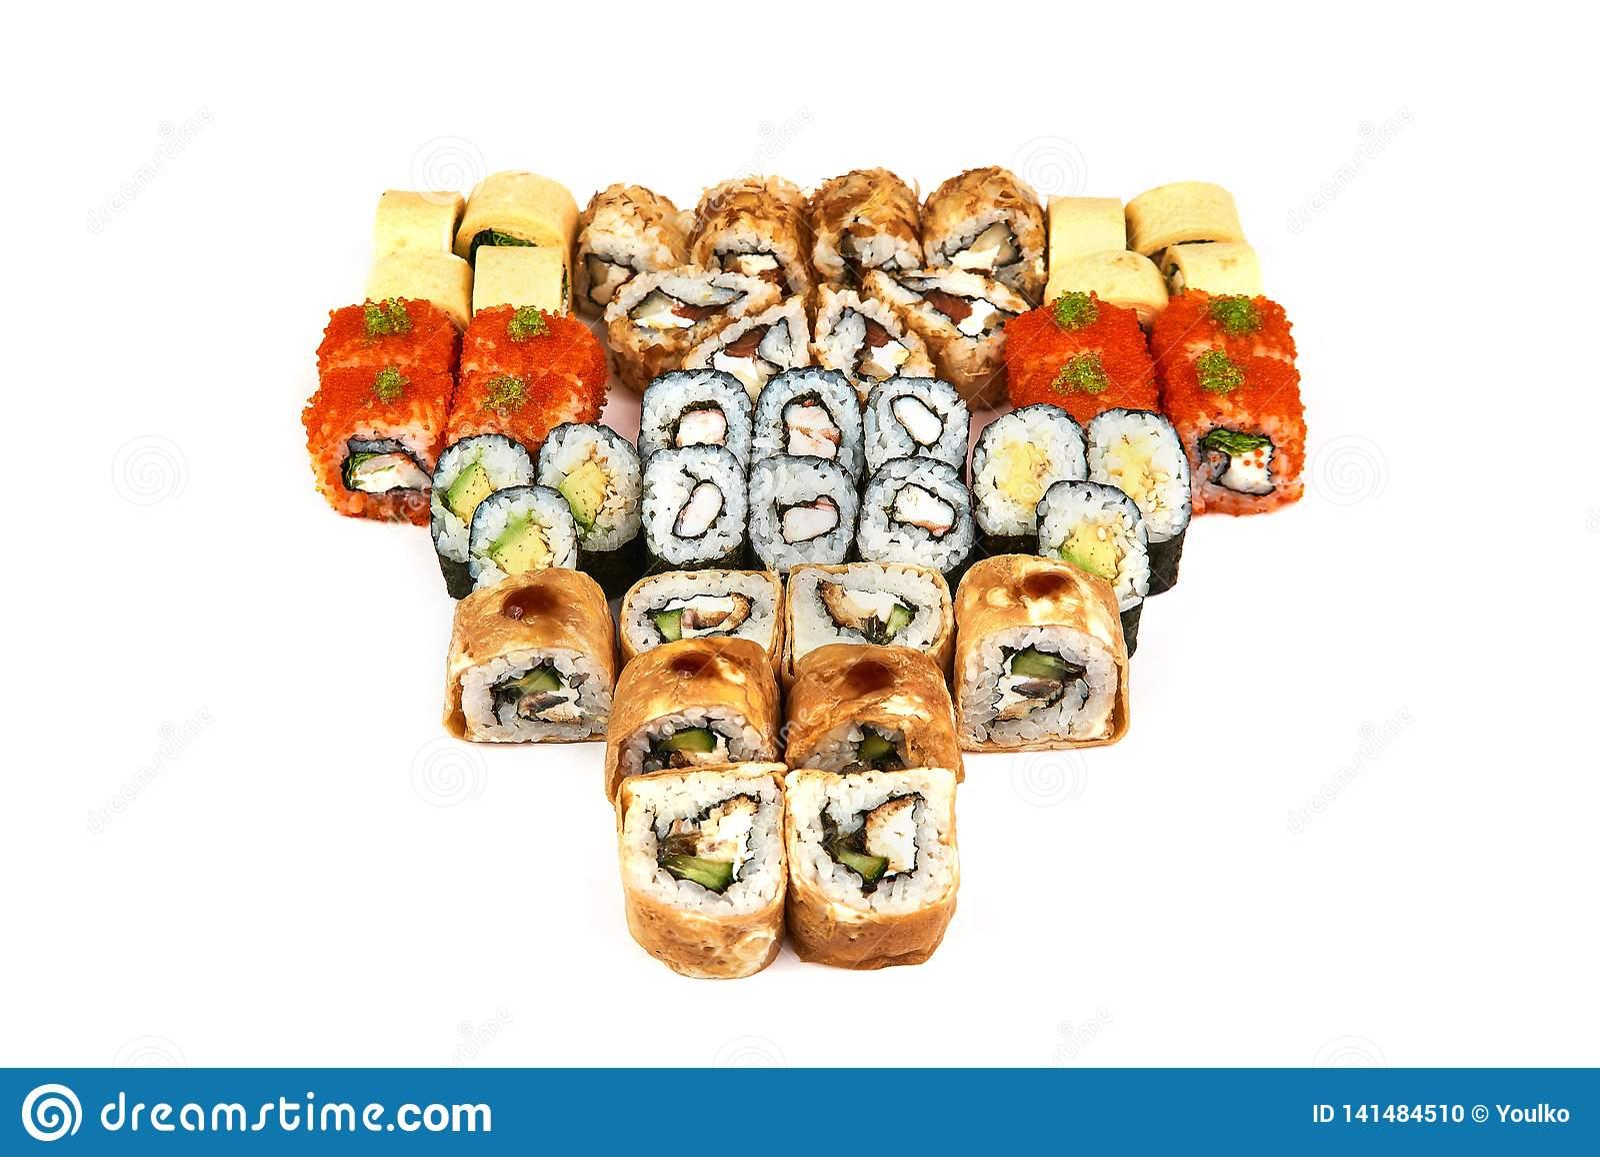 Japanisches Lebensmittelrestaurant, Sushi maki gunkan Rollenplatte oder Servierplattensatz Kalifornien-Sushirollen mit Lachsen Su